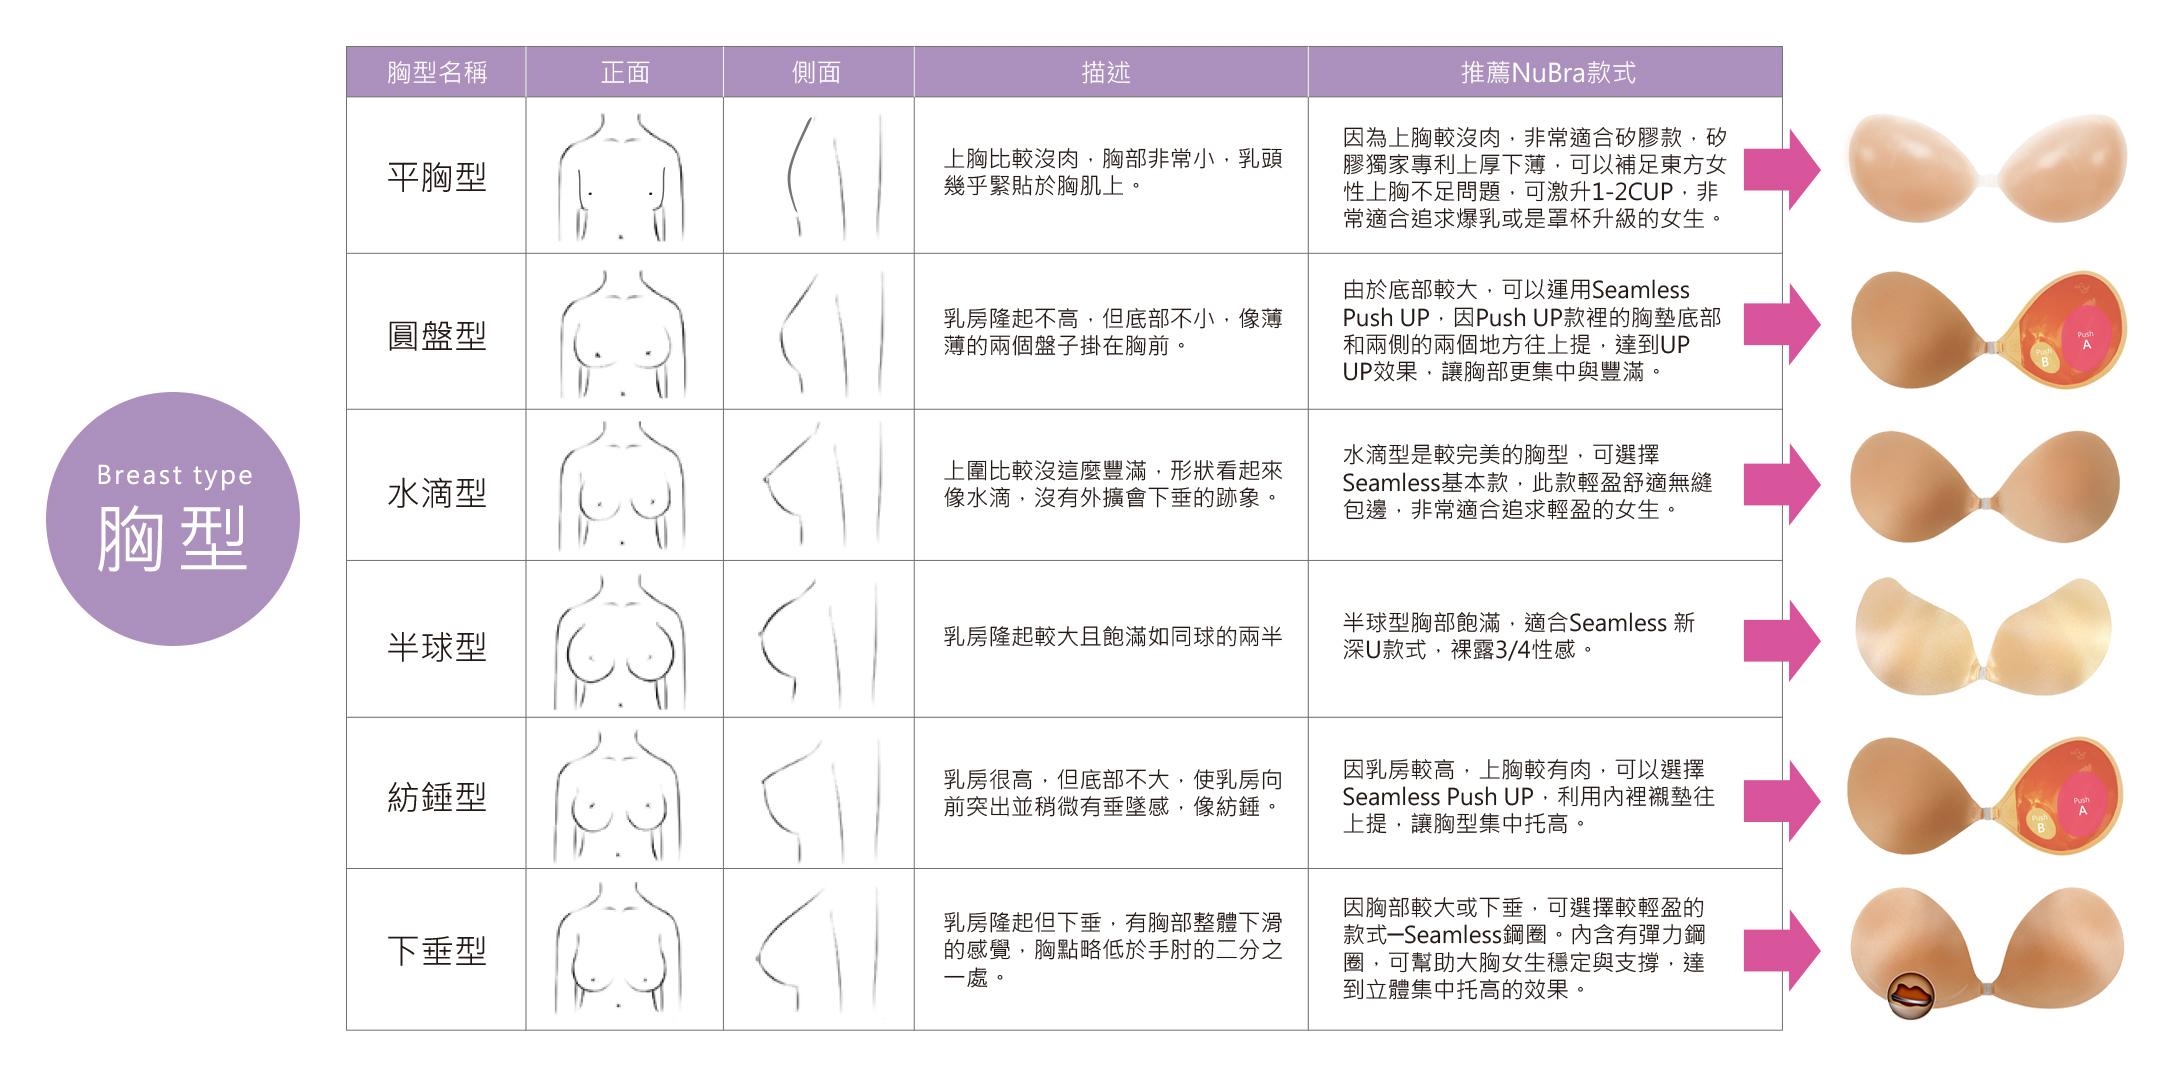 nubra,nubra絕世好波,隱形胸罩,隱形內衣,隱形內衣怎選,款式選擇,nubra選擇,nubra怎麼挑,nubra款式,nubra推薦圖,nubra款式推薦,nubra比較,胸型,胸型選擇,nubra適合